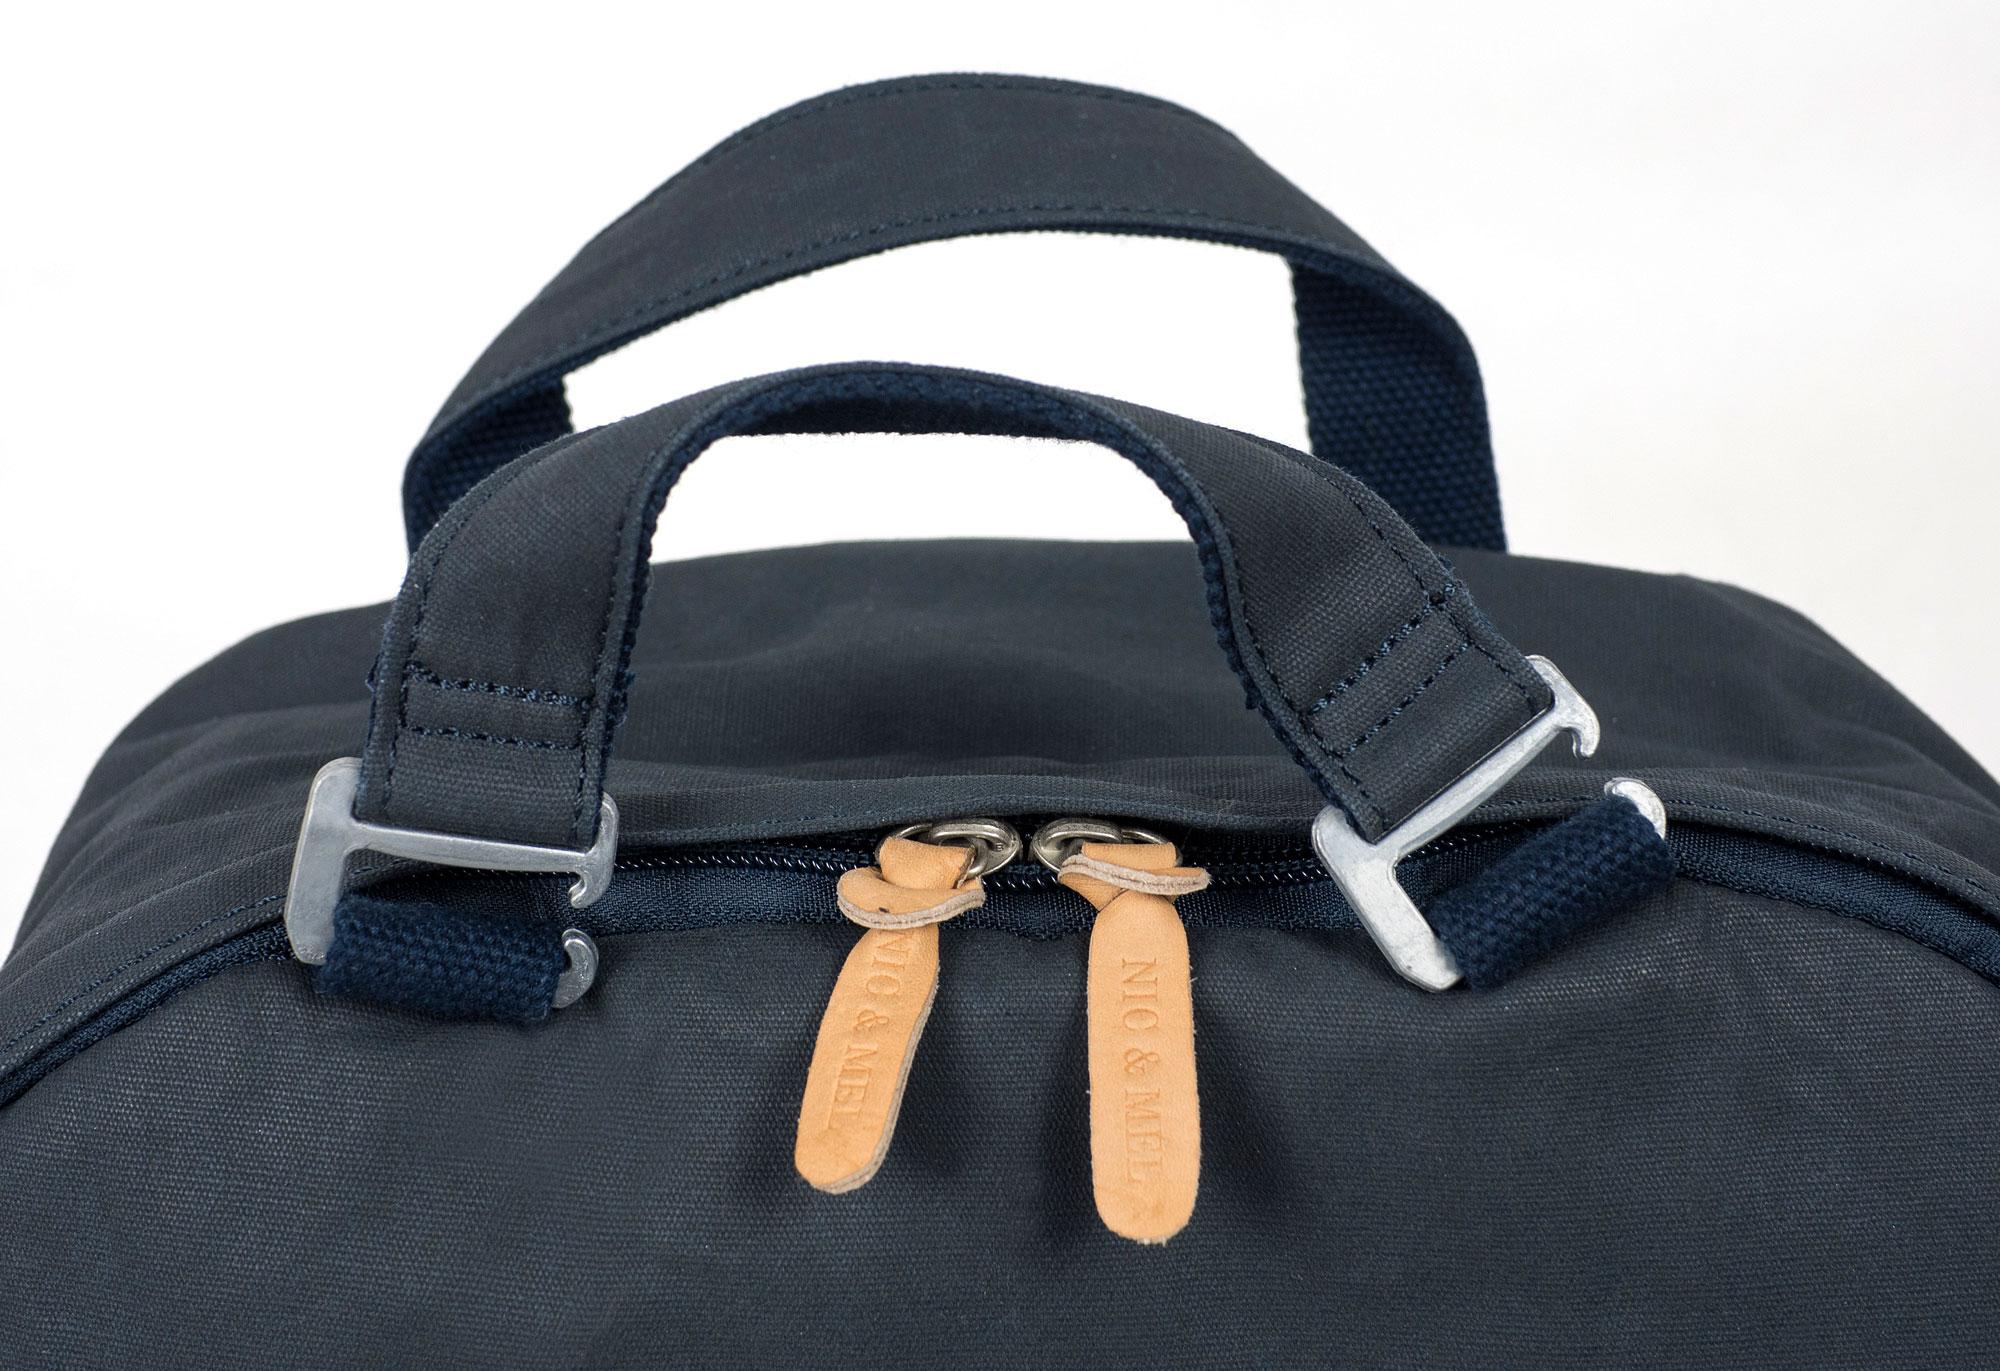 Carter-daypack-closeup